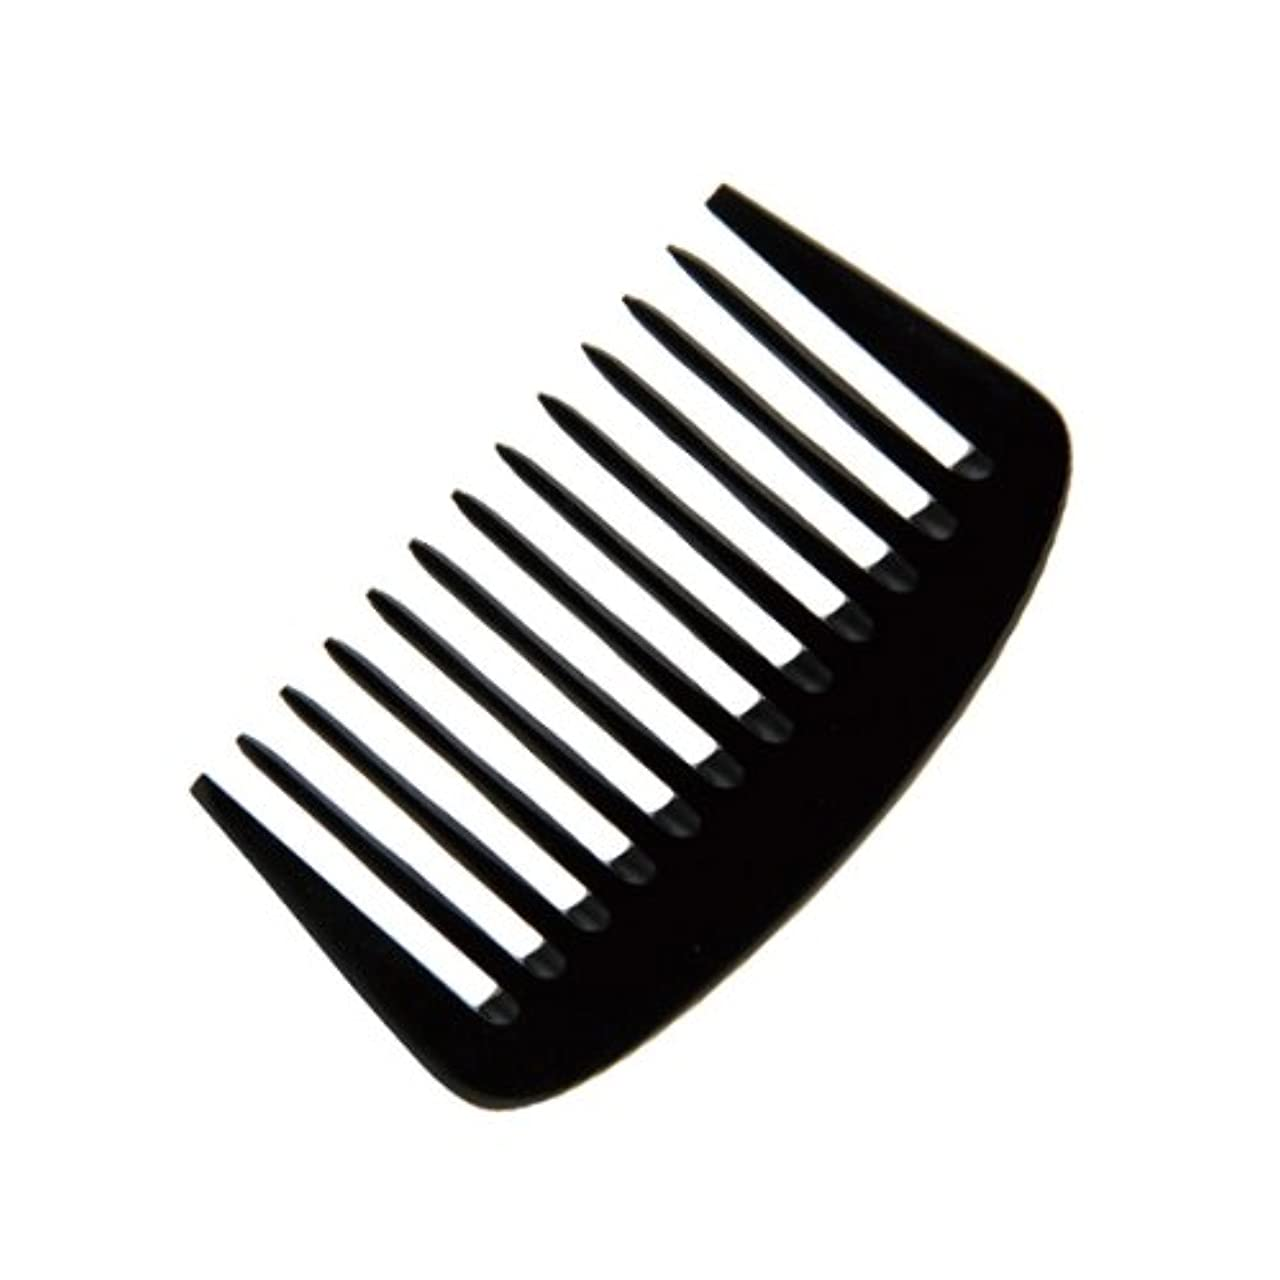 準拠伝染病新鮮なエトゥベラ e-ーフムーンコーム K-8010 105mm (美容室用) 全2色ブラック